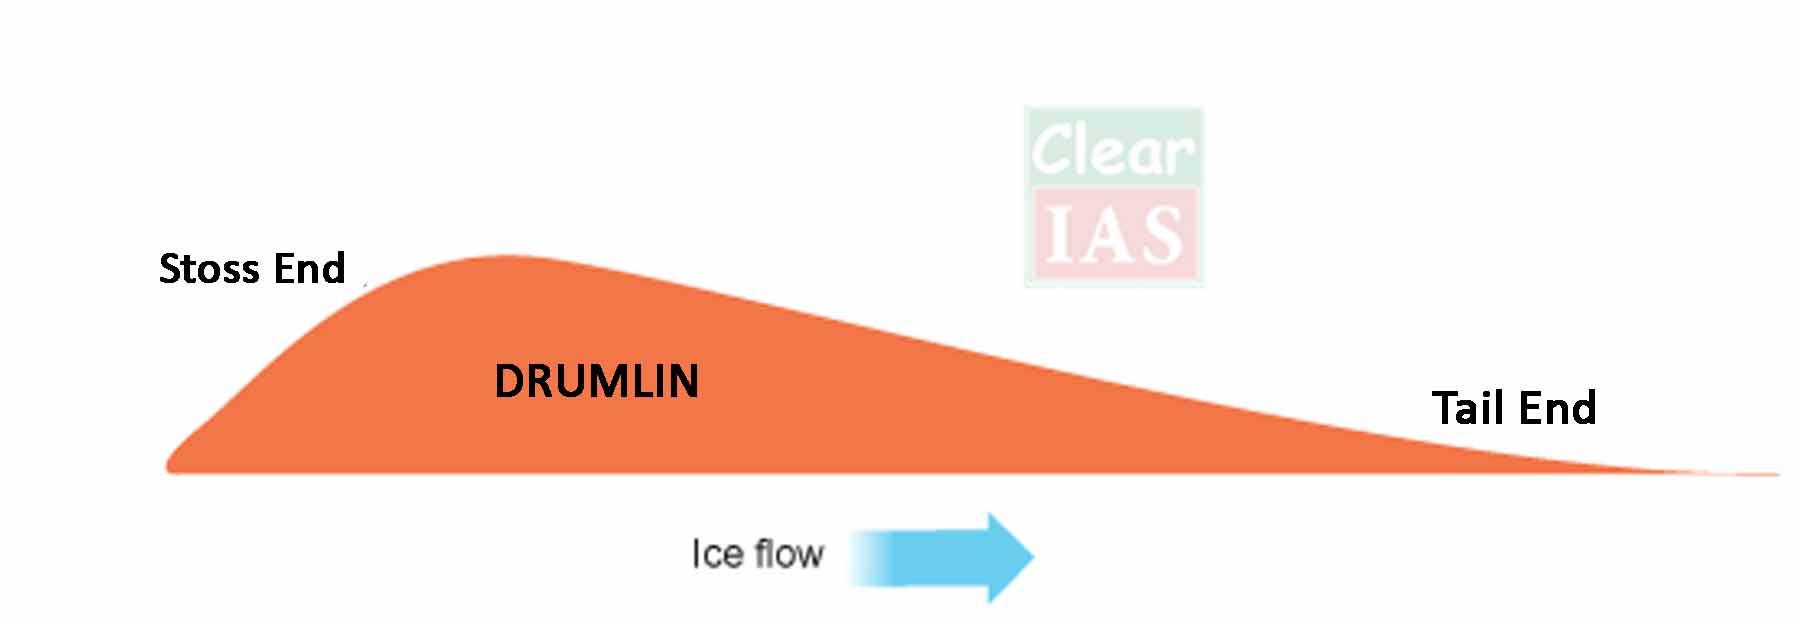 drumlin - glacial deposition